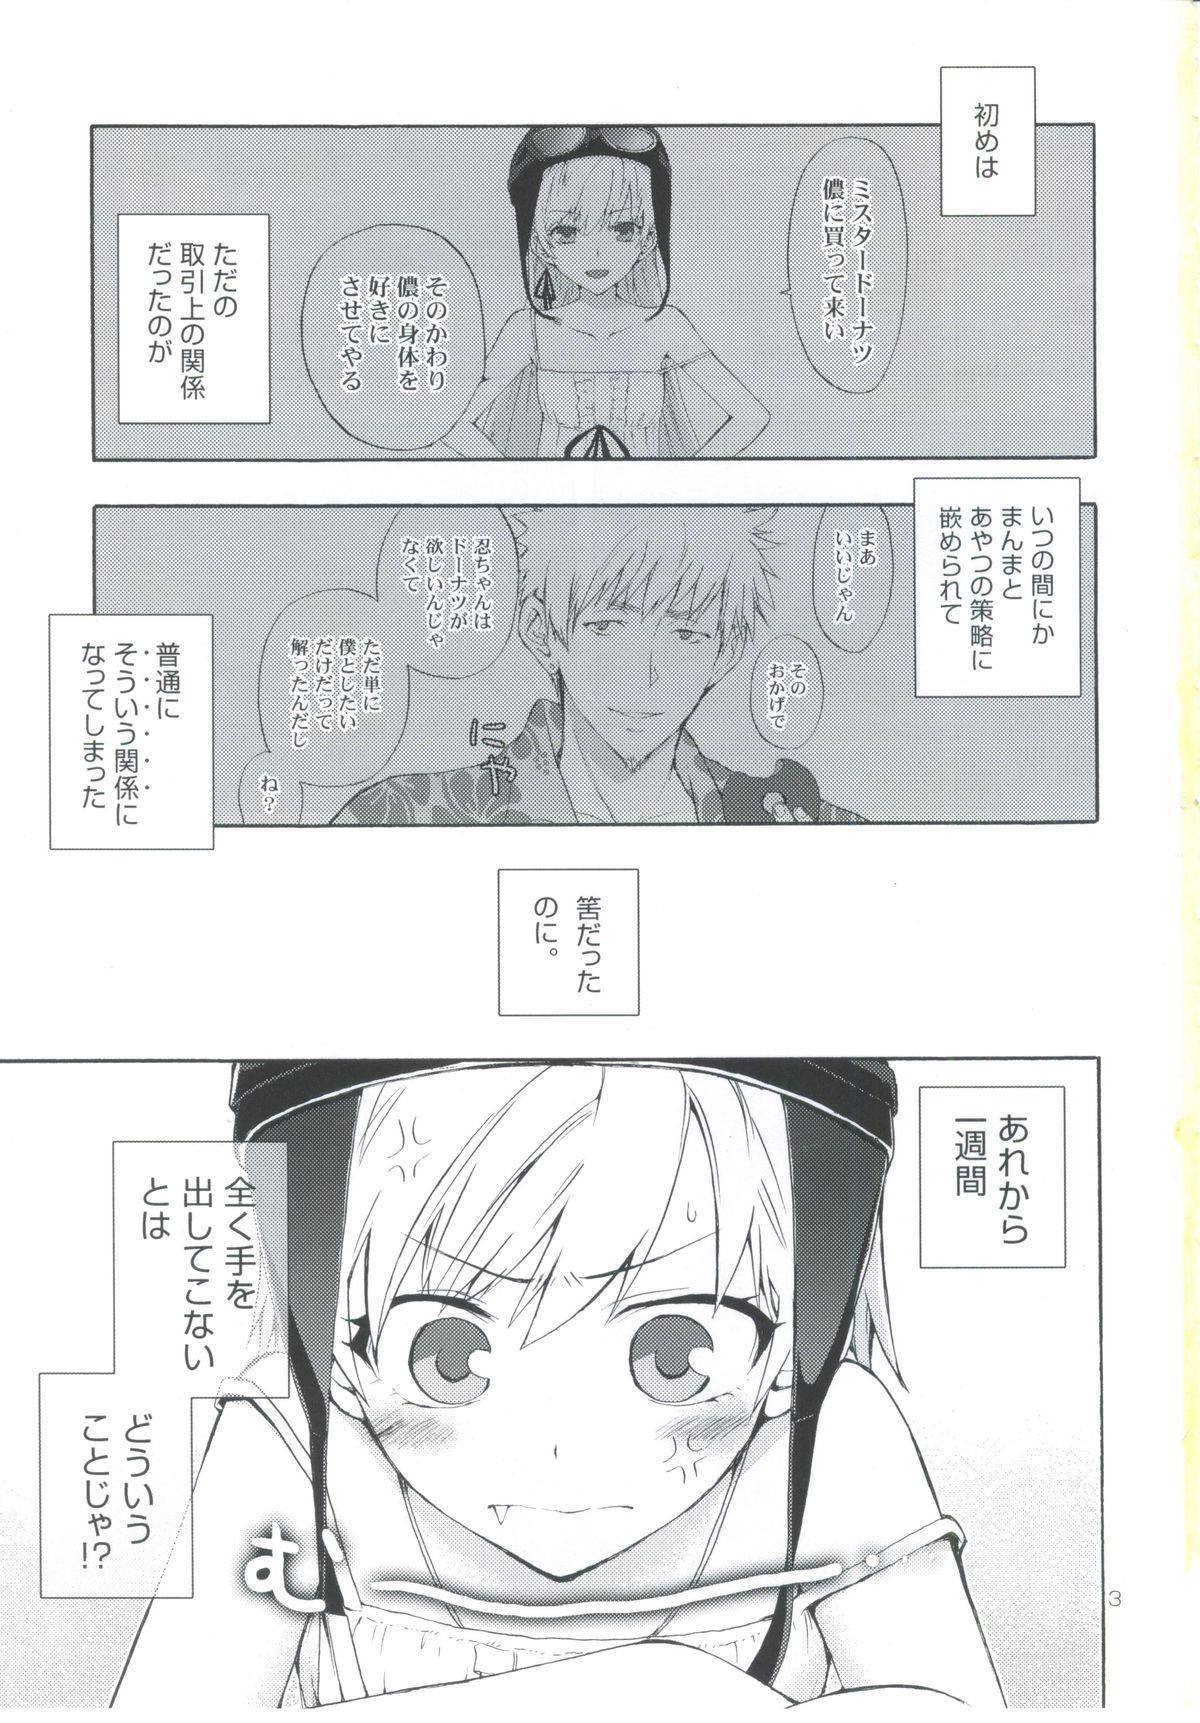 (SC48) [Aa Aishiteru (Taishow)] Oshino-san-chi no Shinobu-chan. Sono 3 (Bakemonogatari) 1